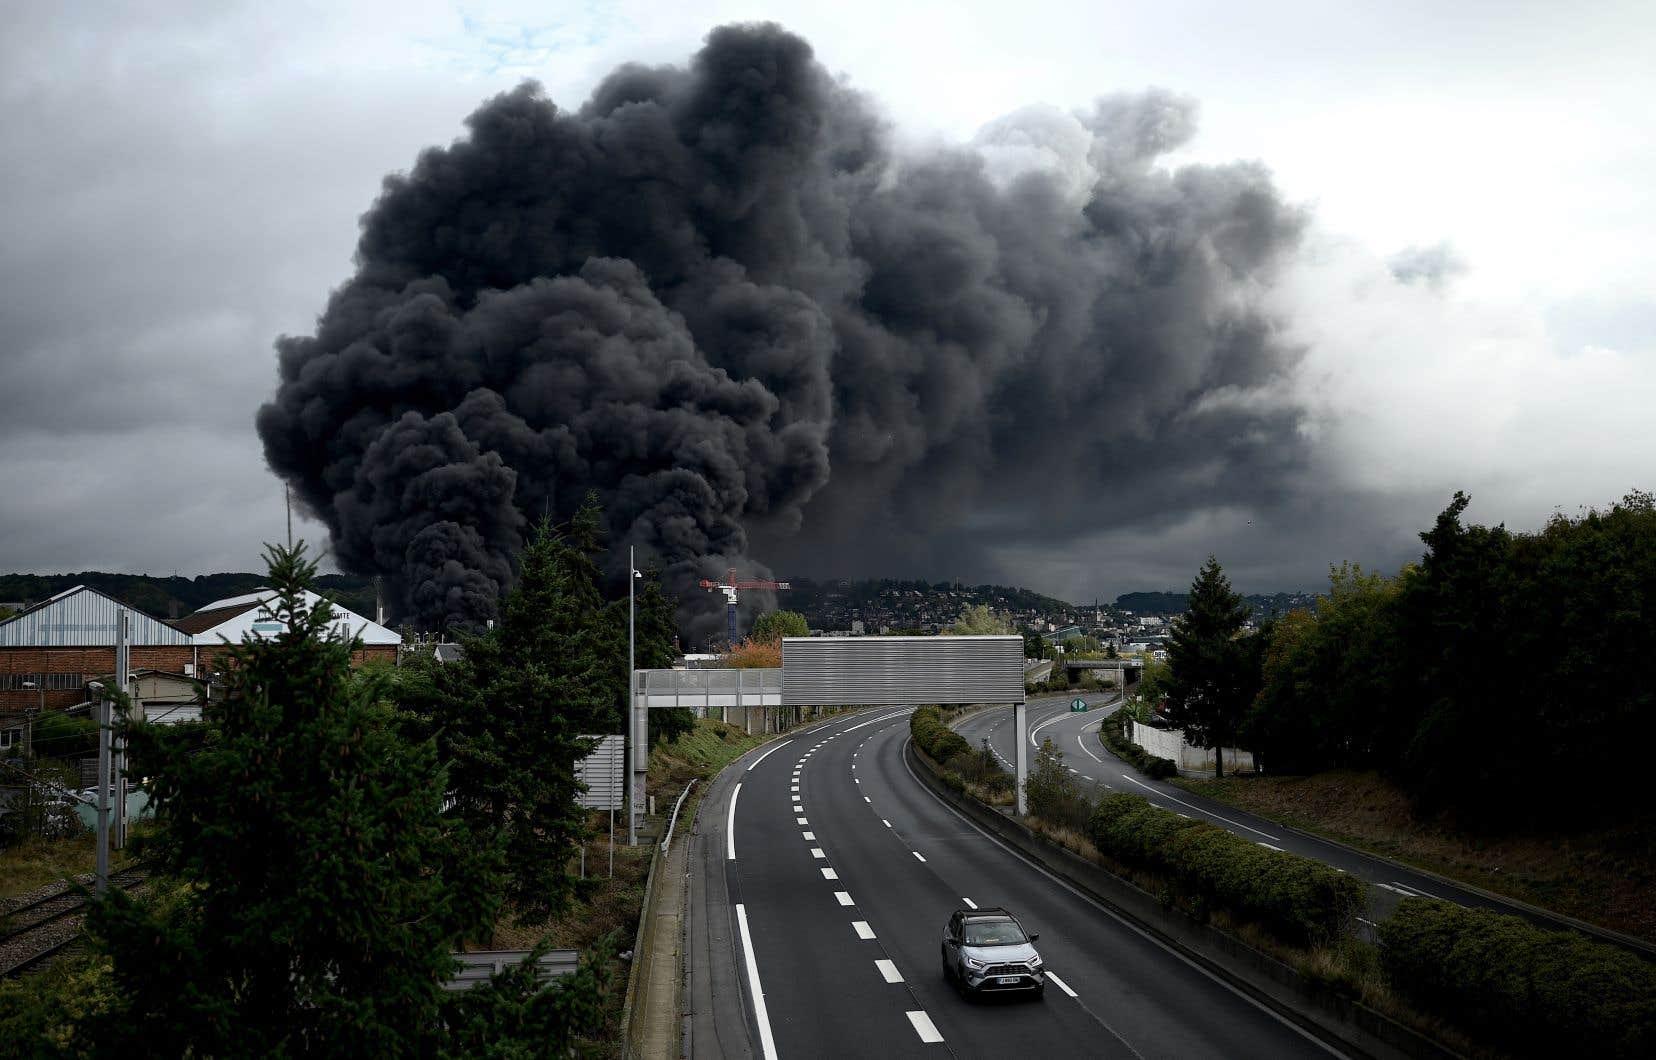 Une énorme colonne de fumée noire était visible à une dizaine de kilomètres à la ronde.